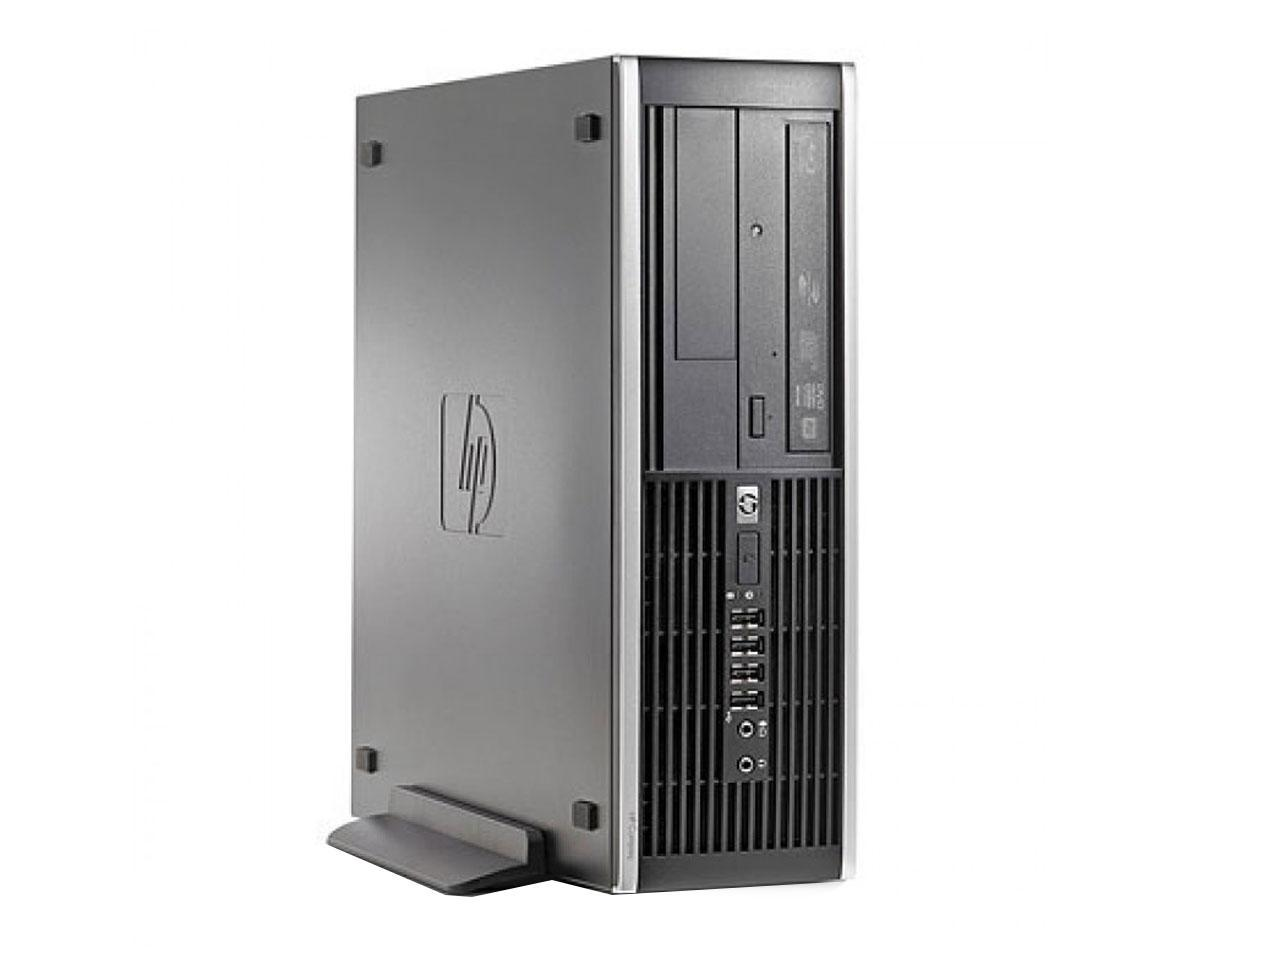 Hewlett Packard Elite 8300 SFF  - shop.bb-net.de